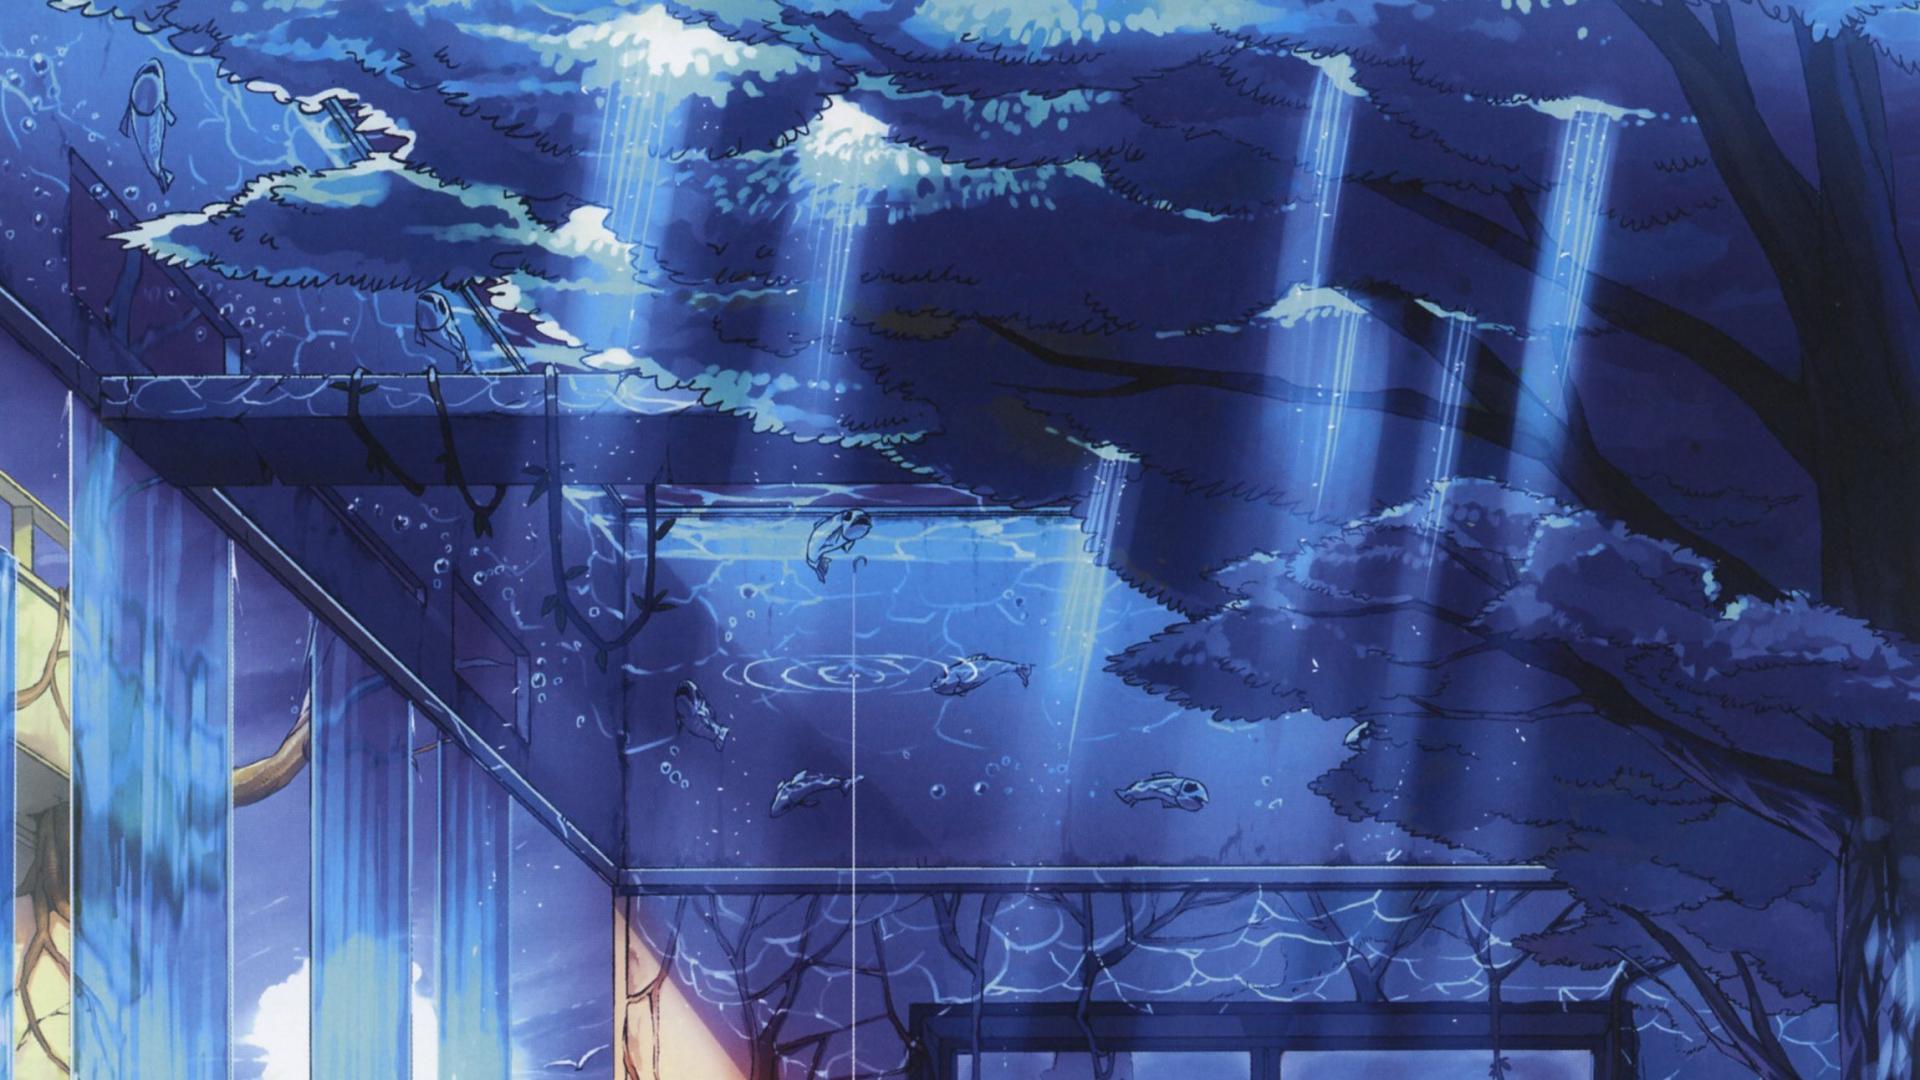 アニメ逆さ都市 Pixivの壁紙 19x1080 Wallpapertip